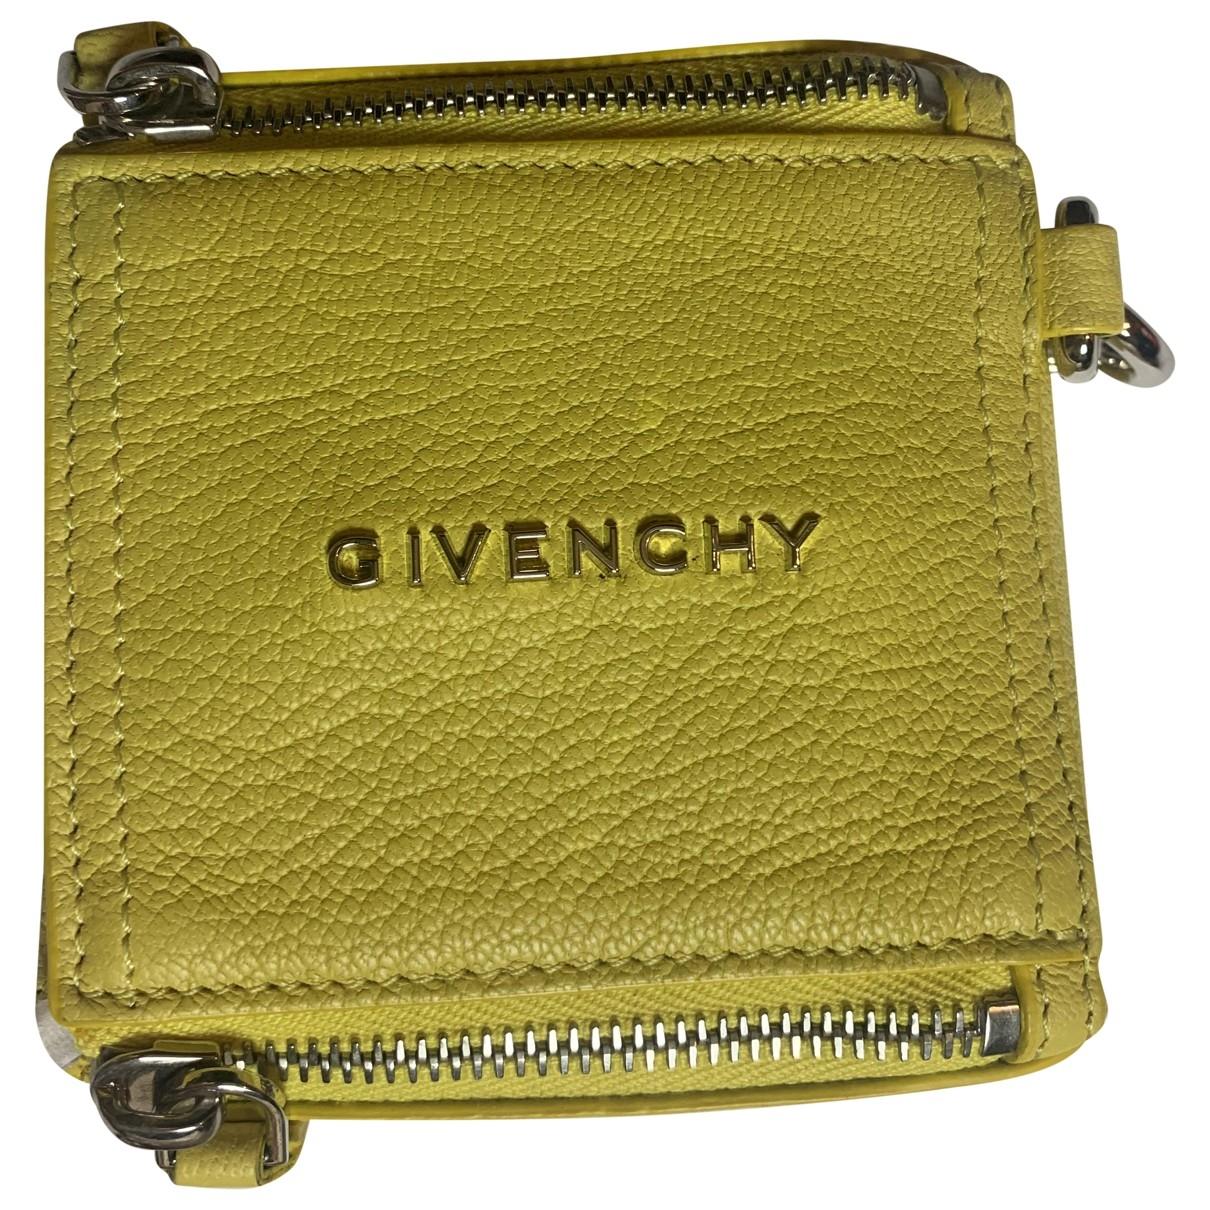 Givenchy Pandora Box Clutch in  Gelb Leder